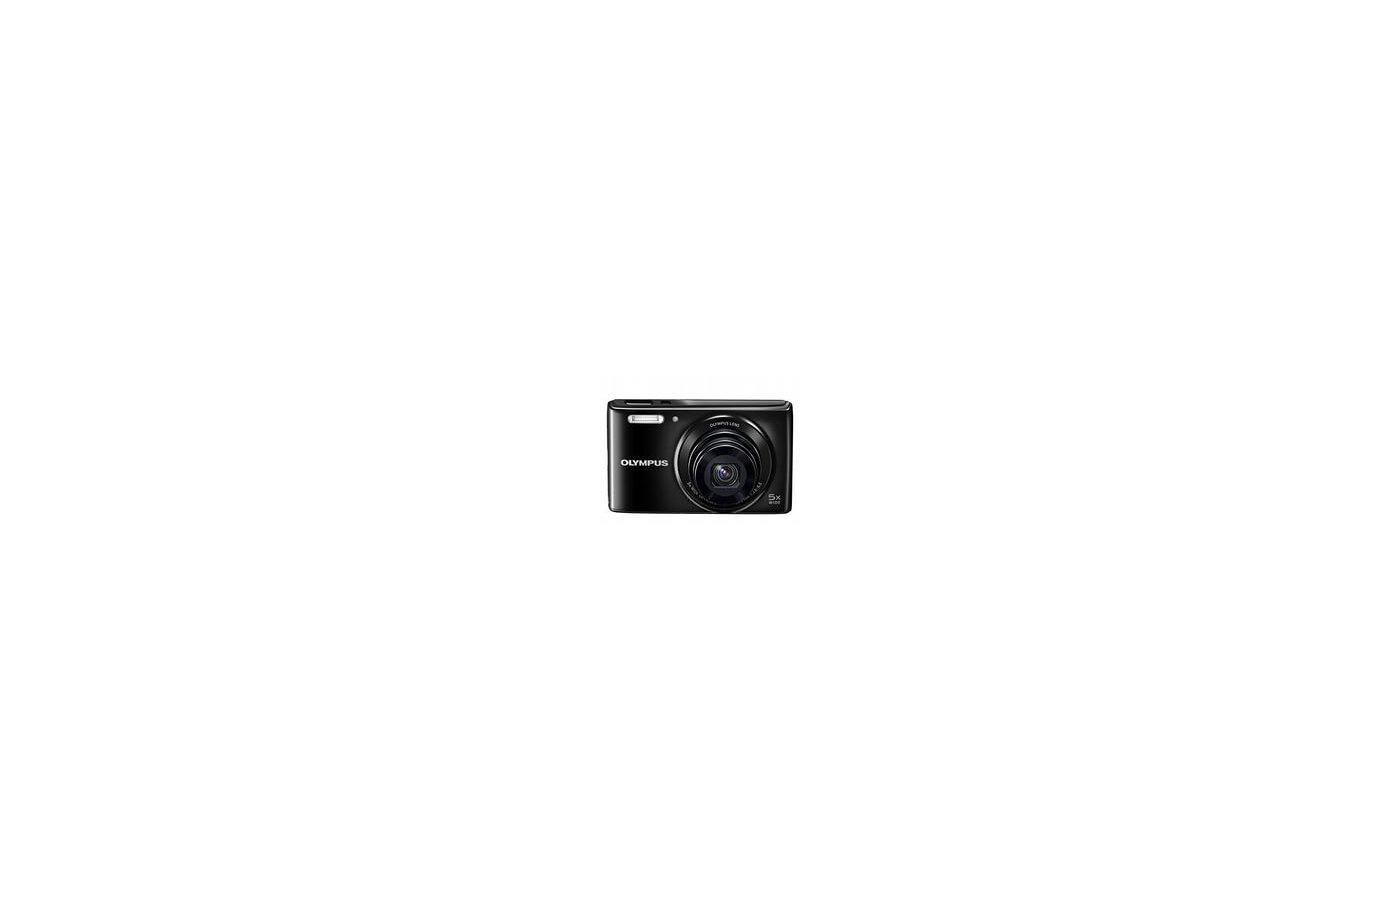 Фотоаппарат компактный OLYMPUS VG-180 black